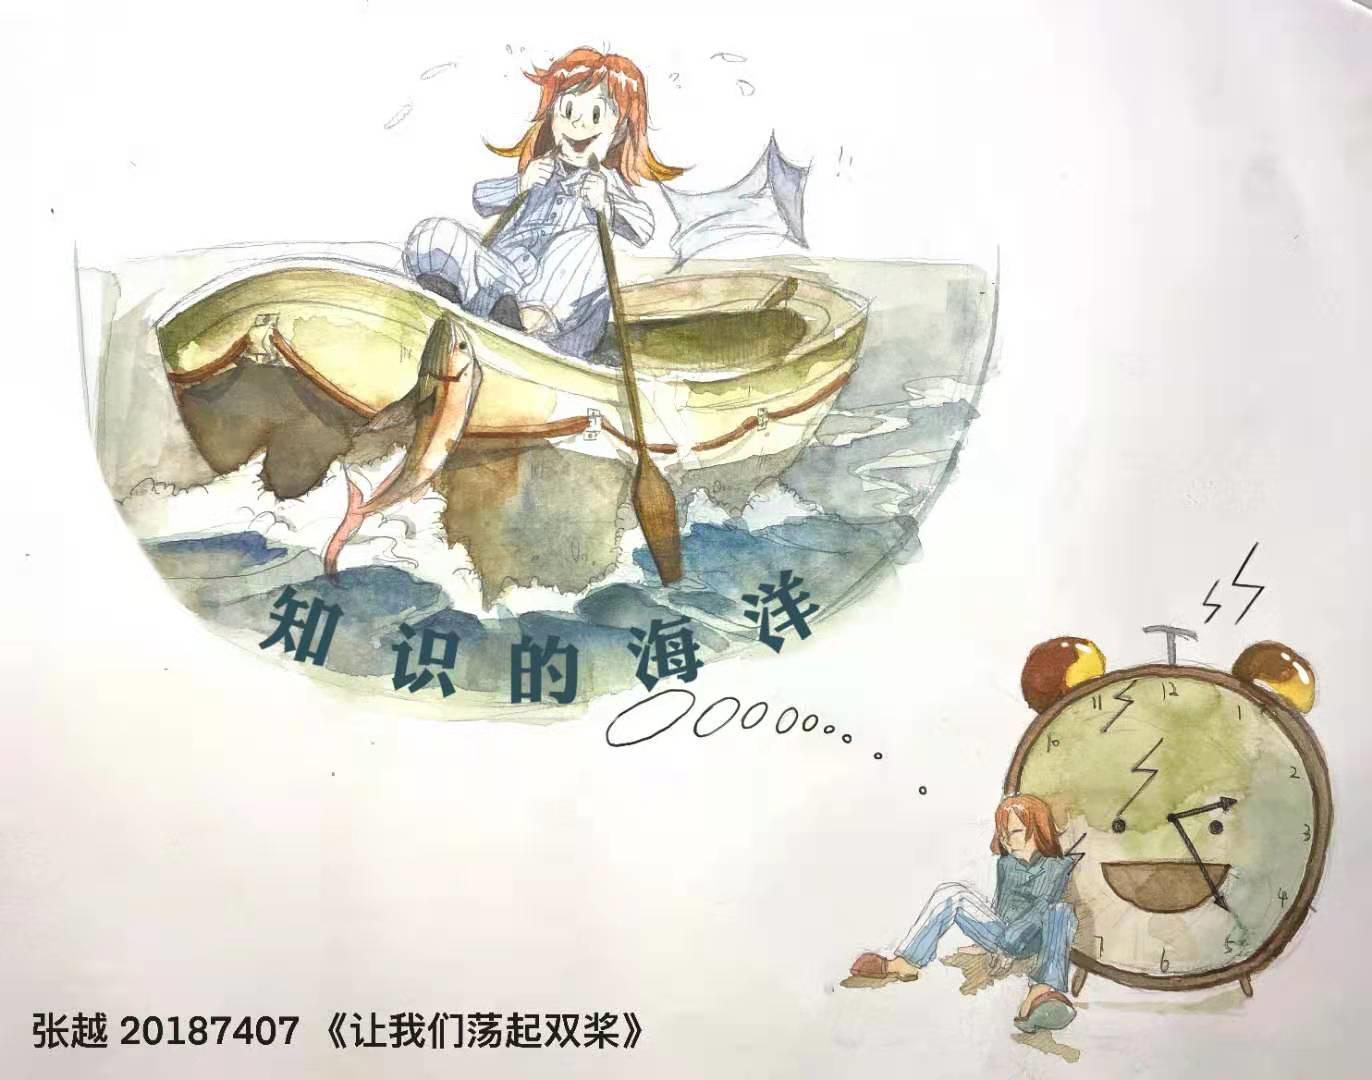 庆祝中国戏曲学院建校70周年—第十二届大学生漫画展在线上举行